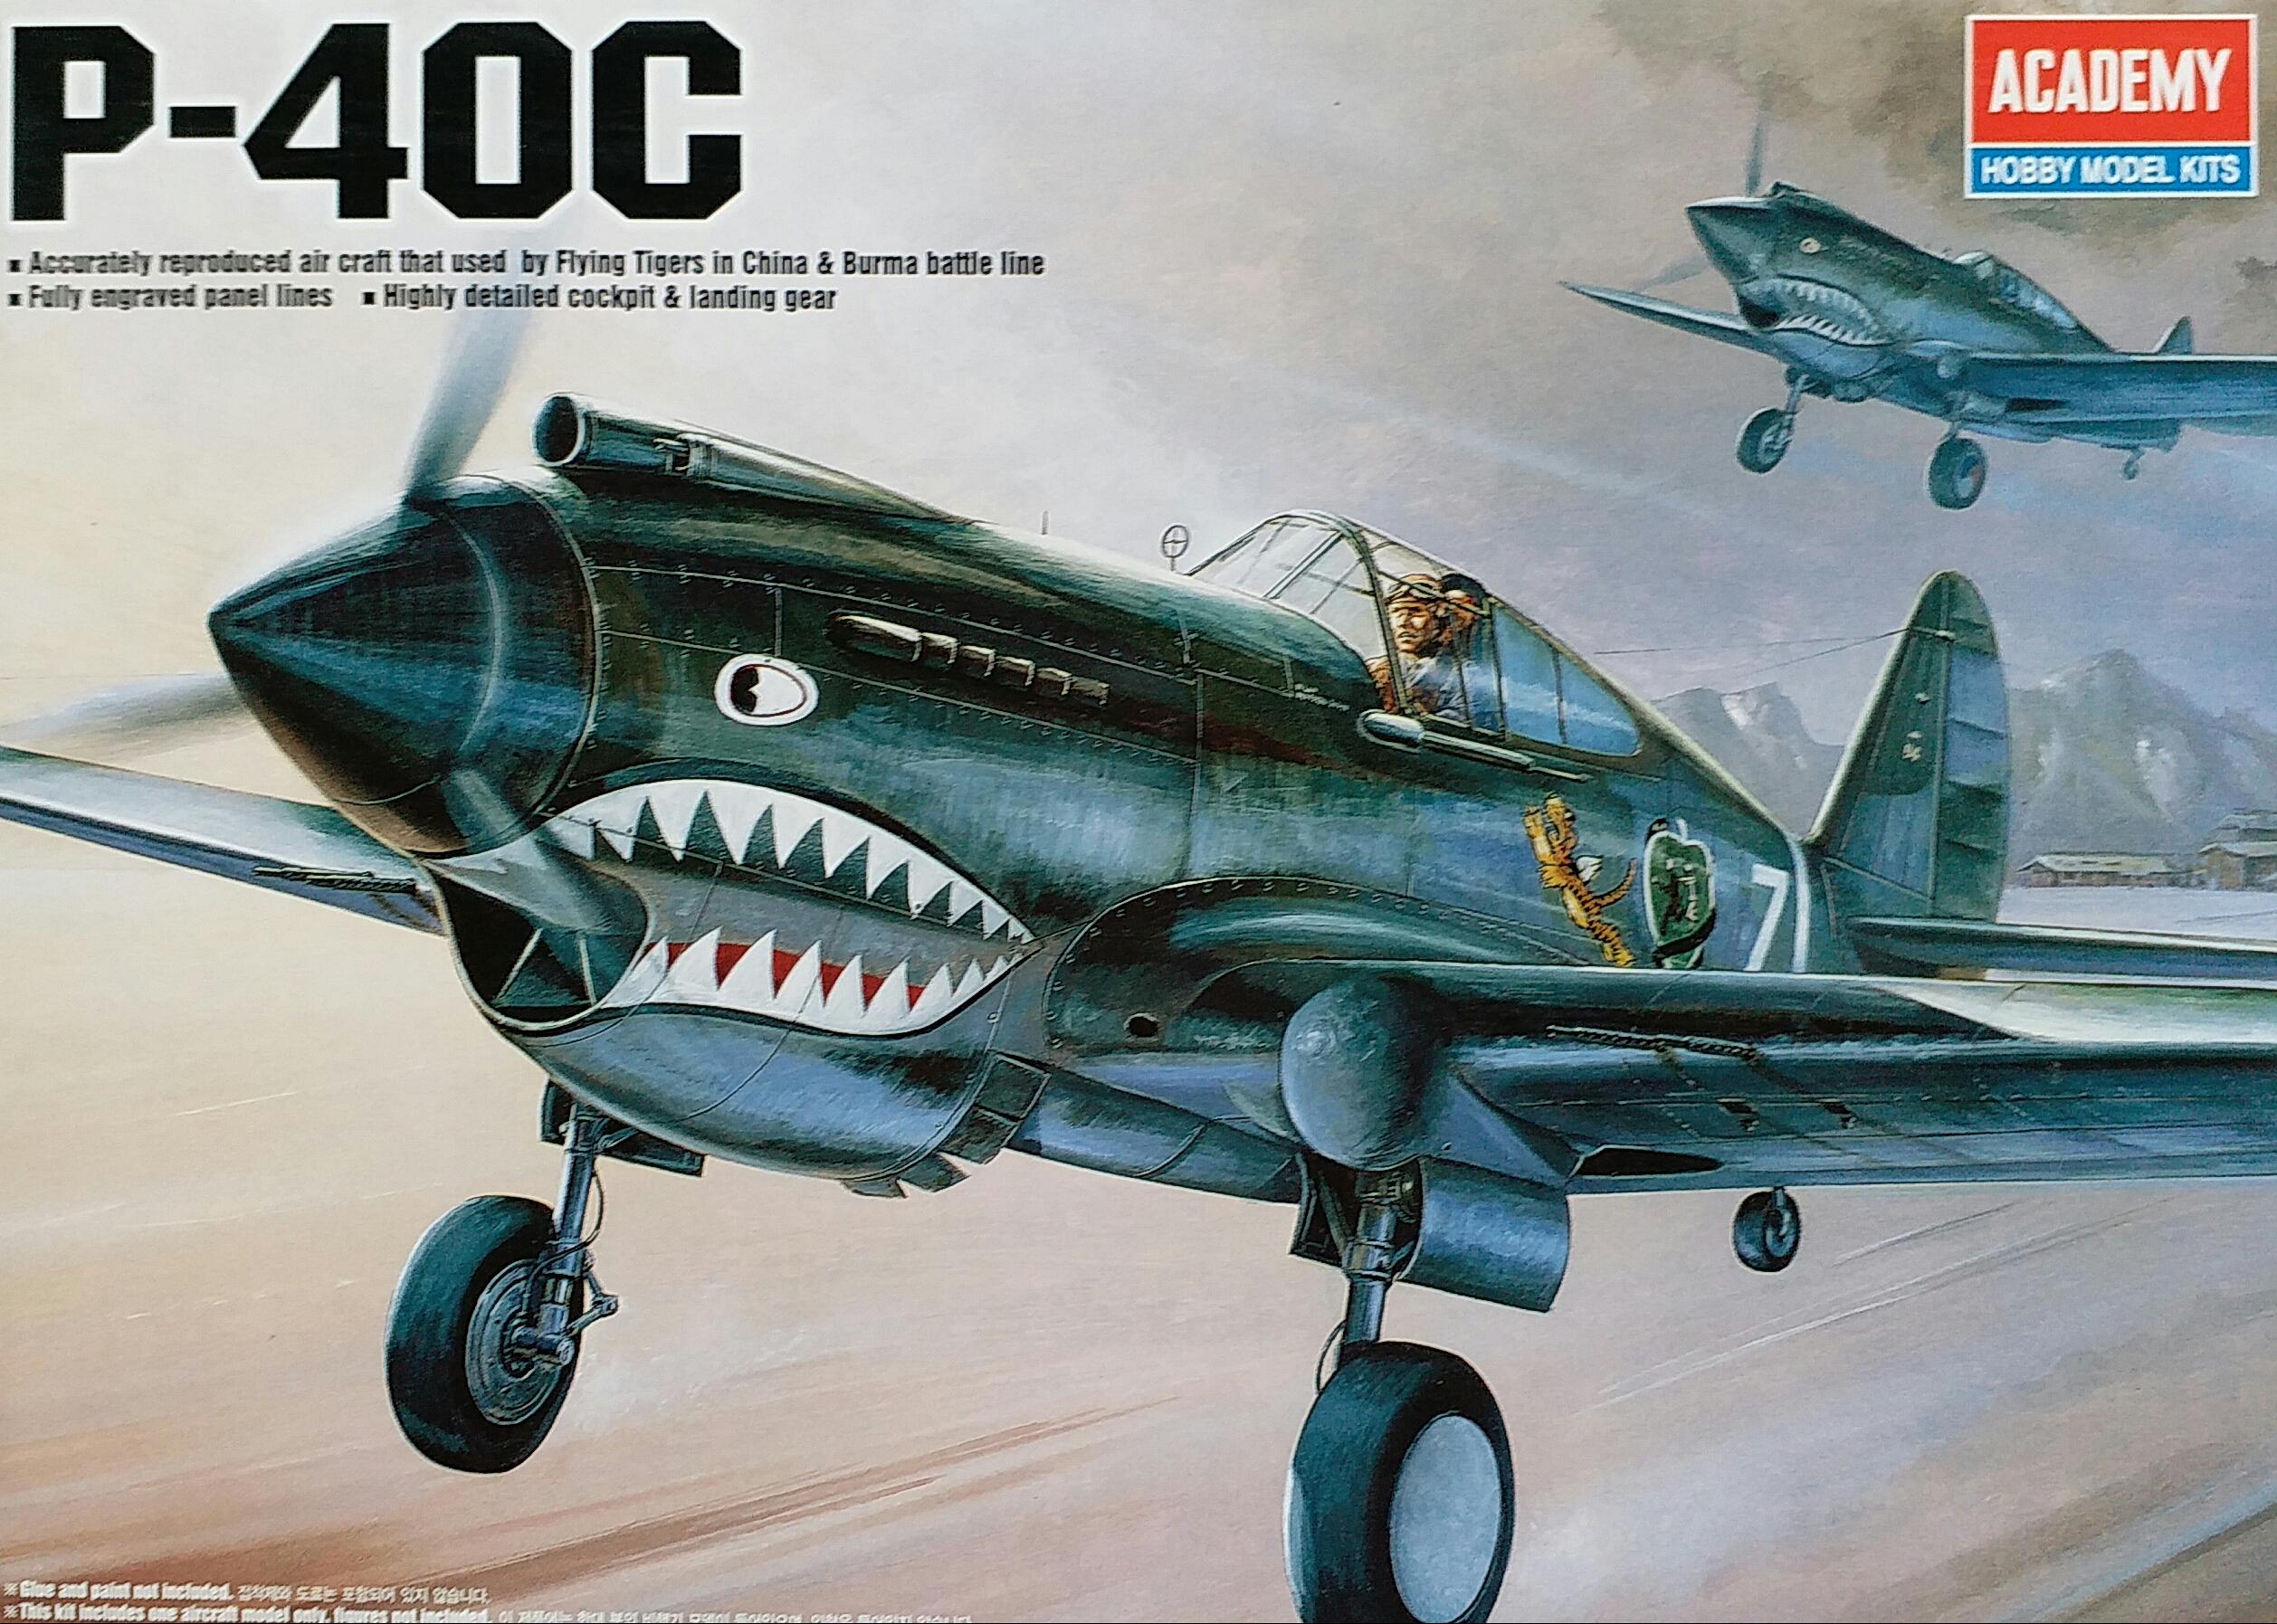 AC12280 P-40C 1/48